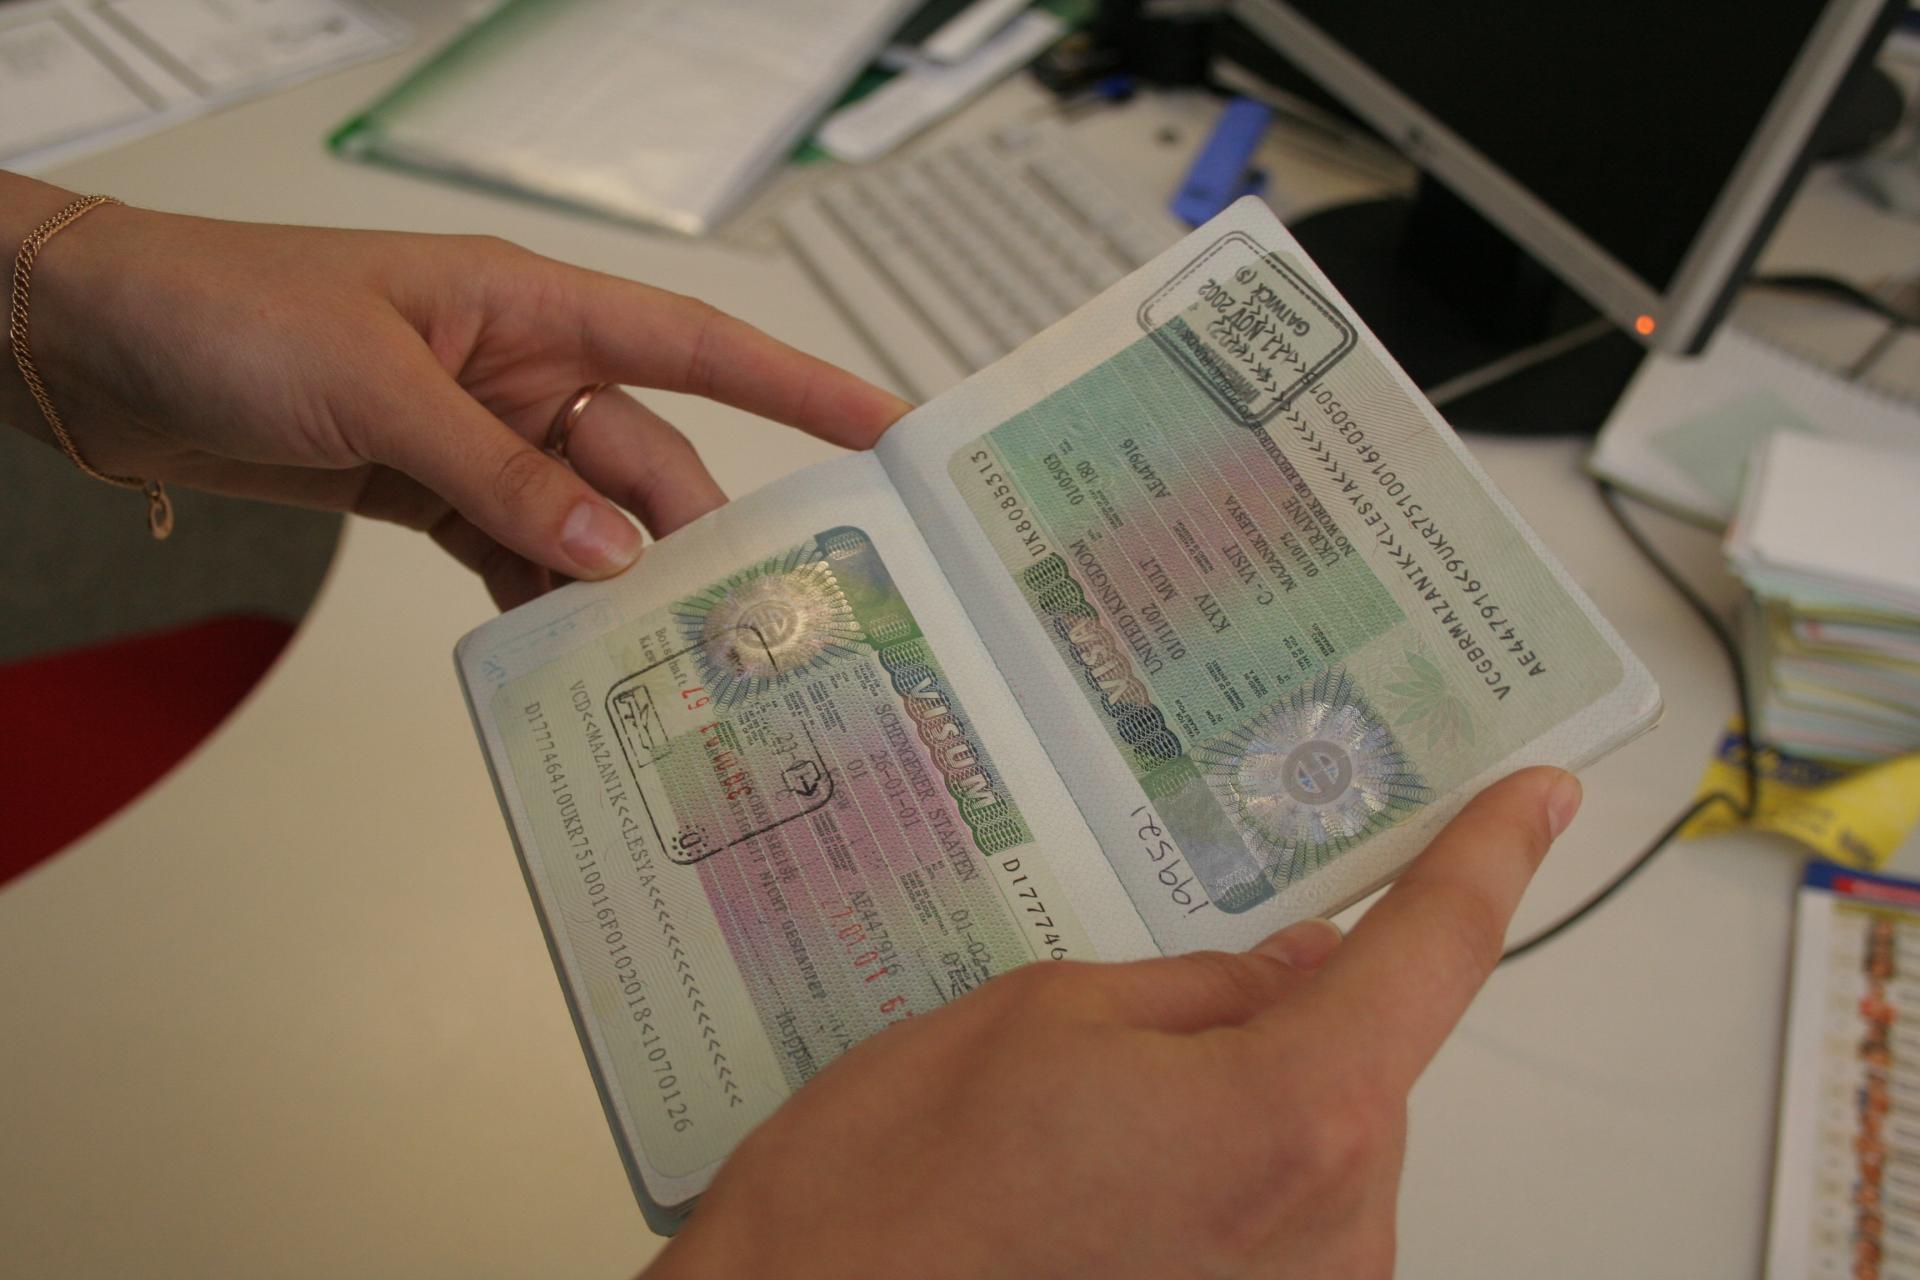 Как сделать быстро срочную визу в Германию за 1 день 20